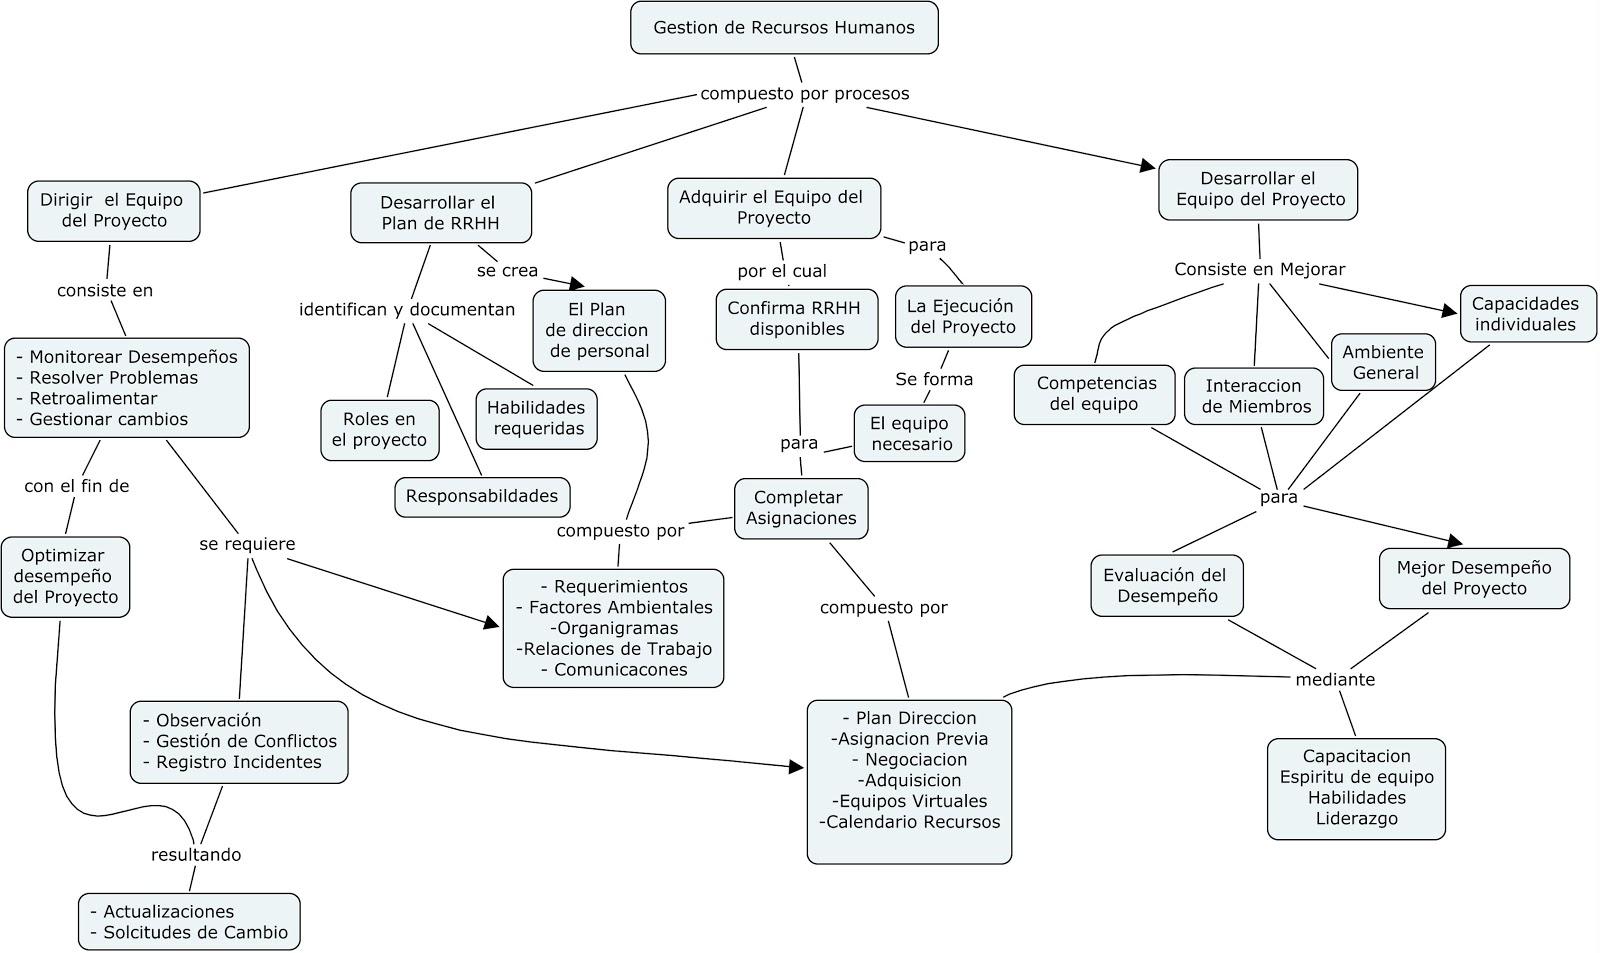 enfoque estrategico planeacion recurso humano: